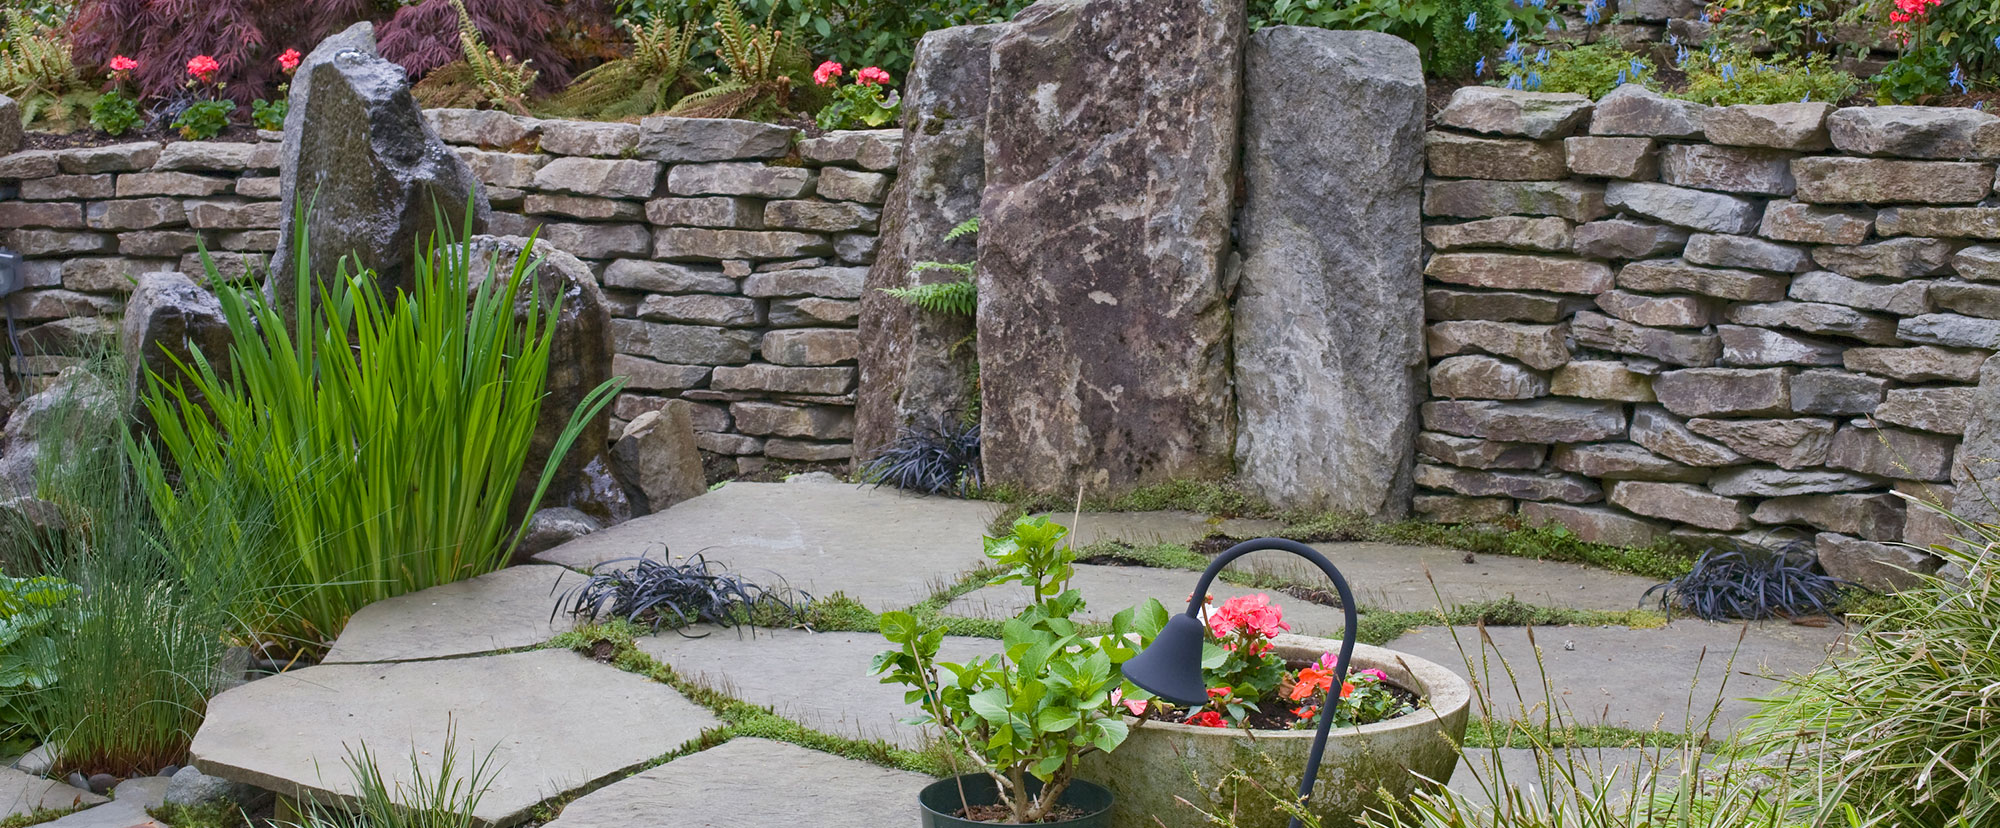 Natural stones for landscape design